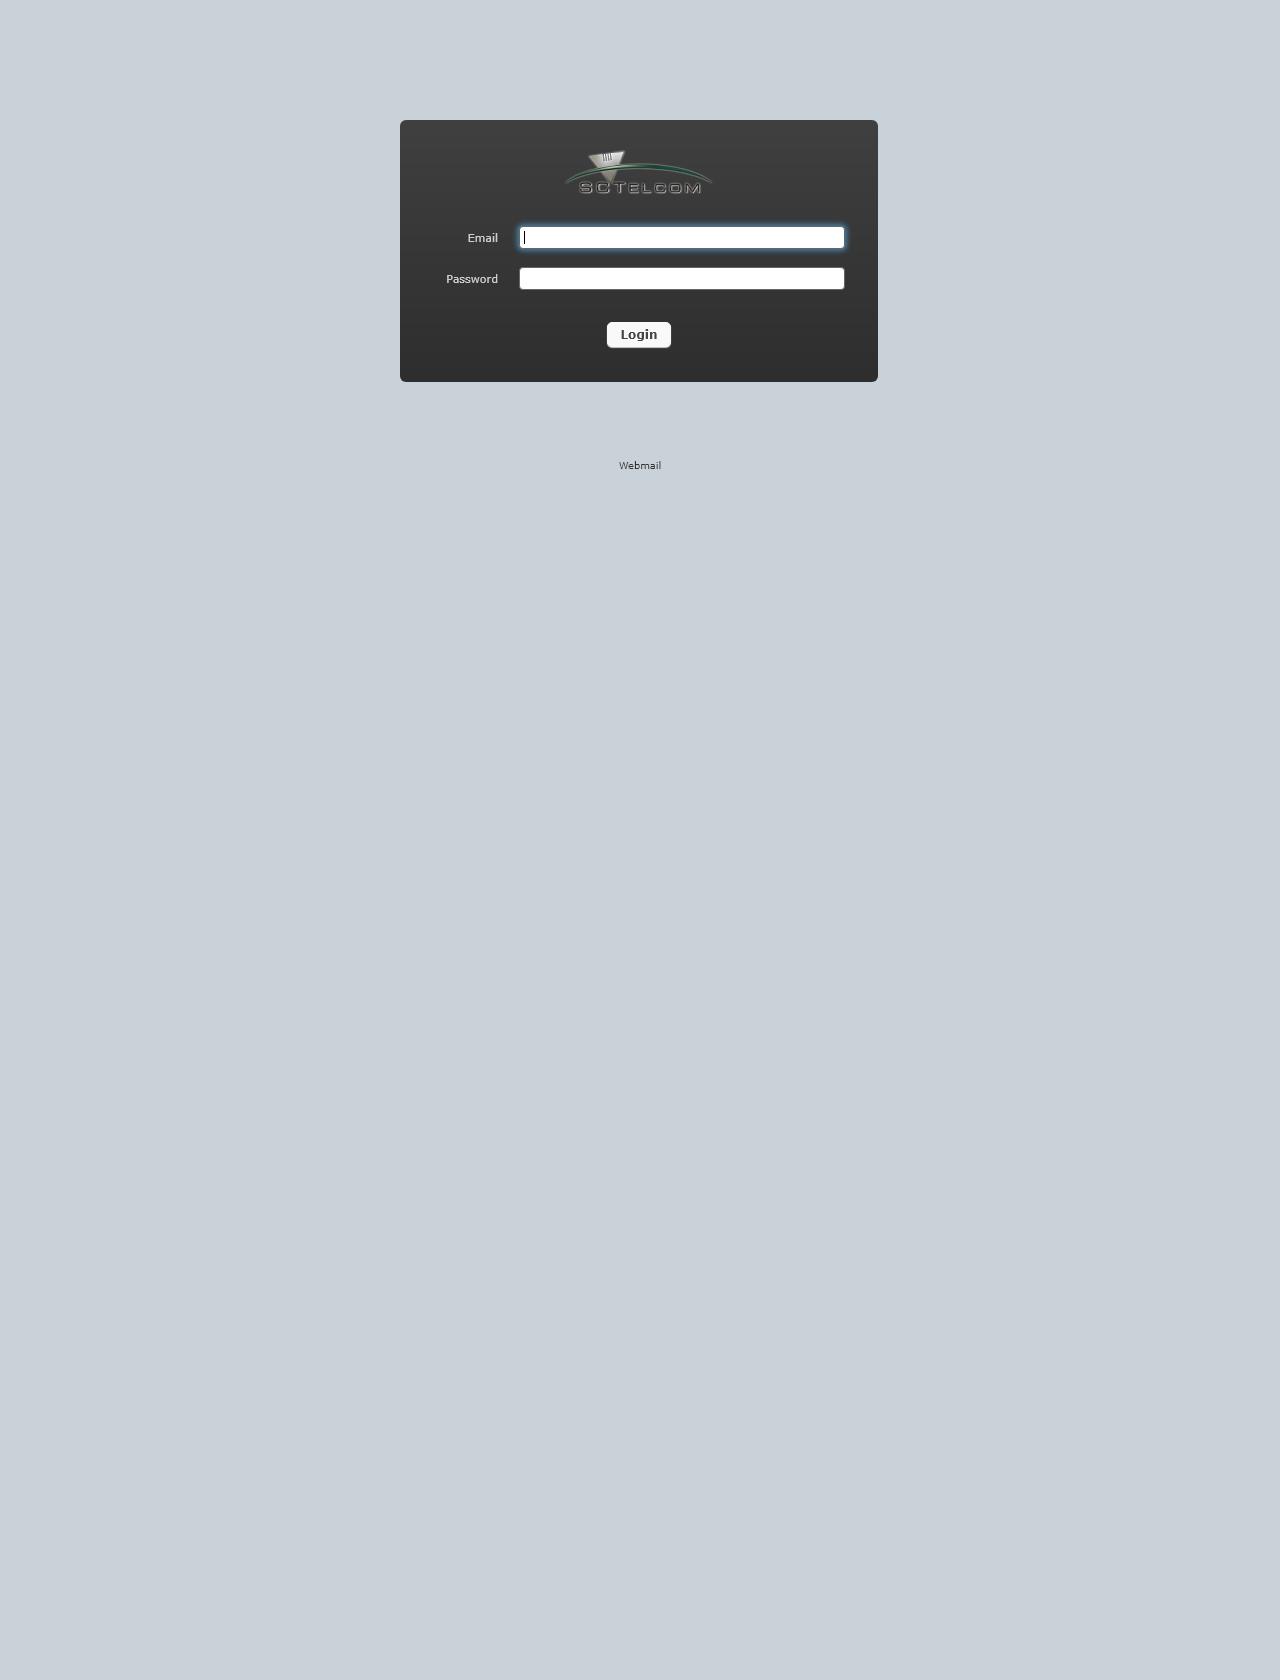 Screenshot Desktop - https://userportal.sctelcom.net/